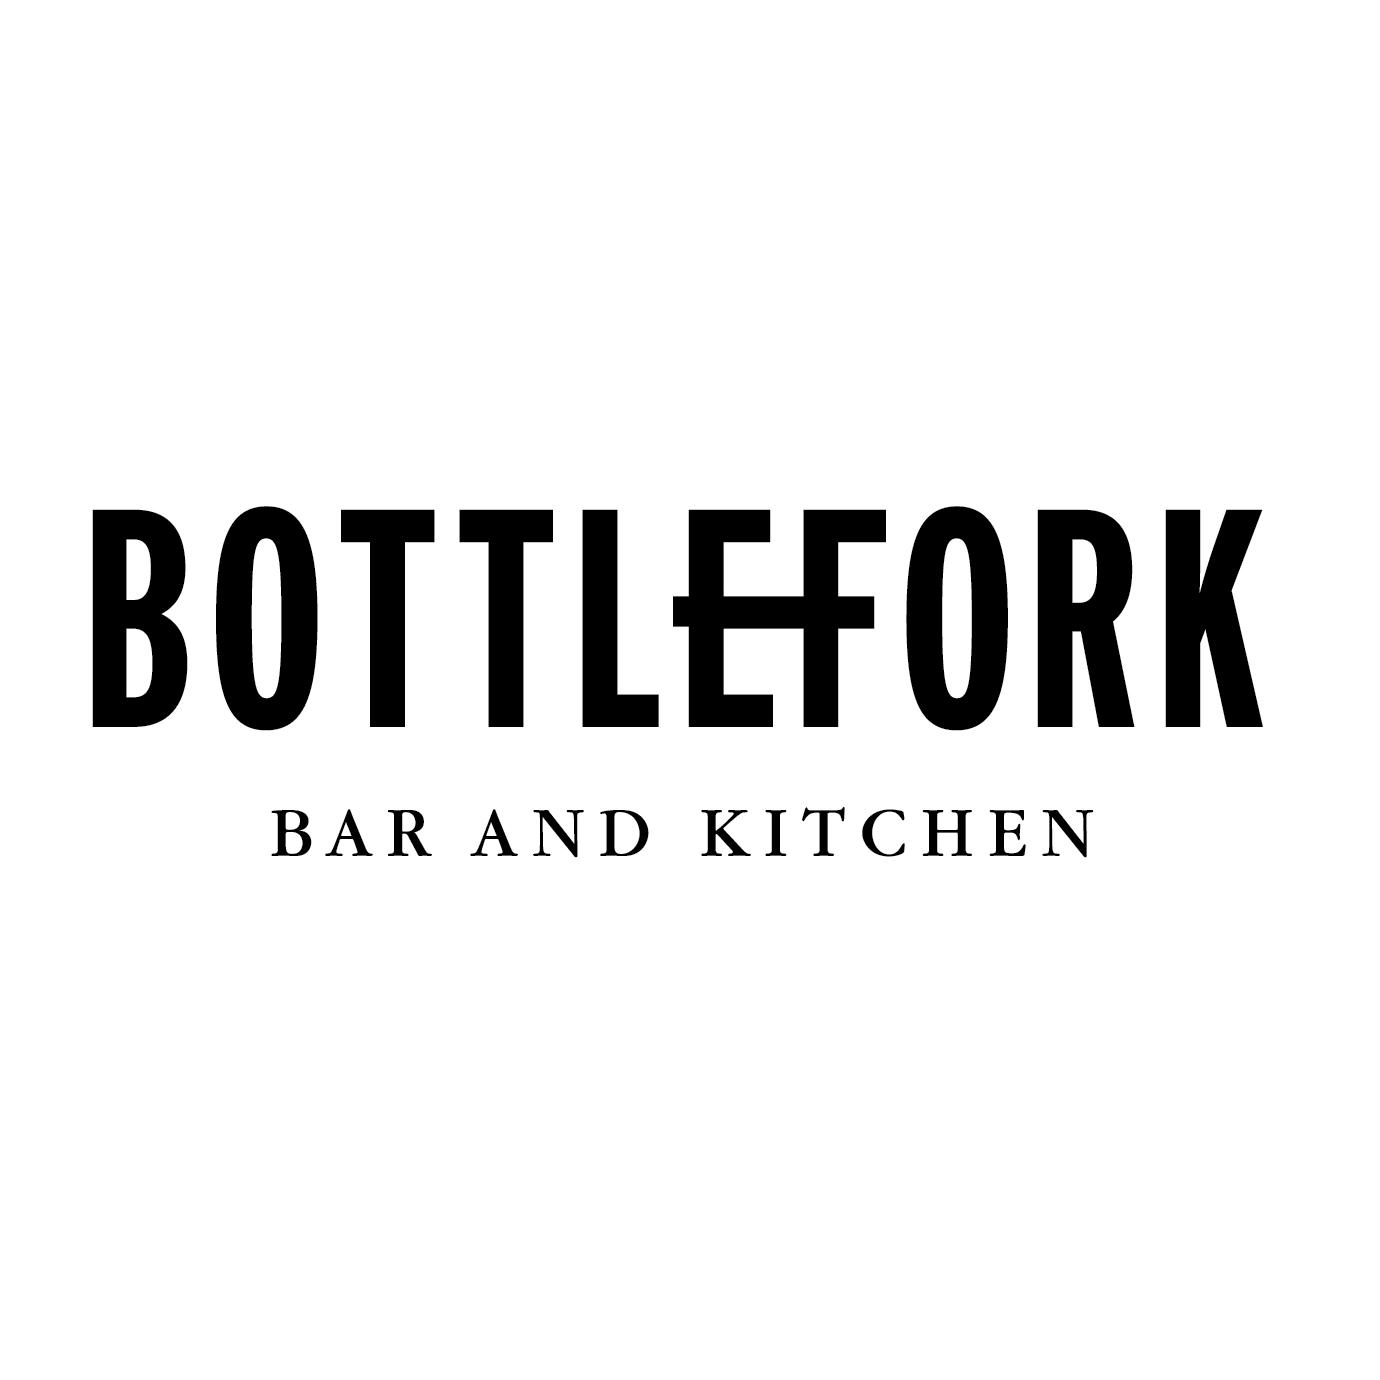 Bottlefork